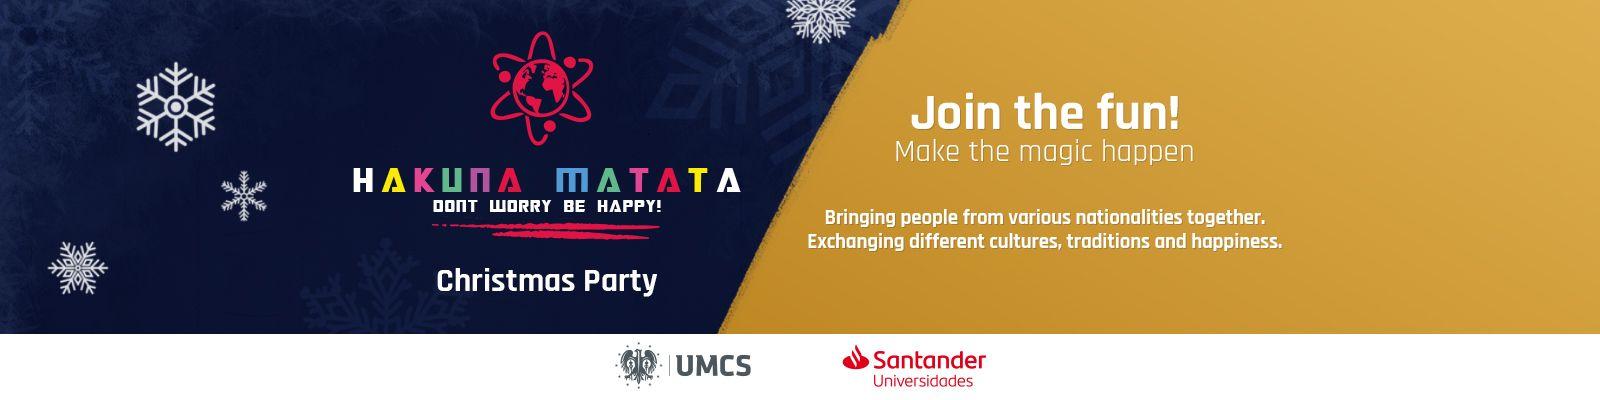 Hakuna Matata - Christmas Party